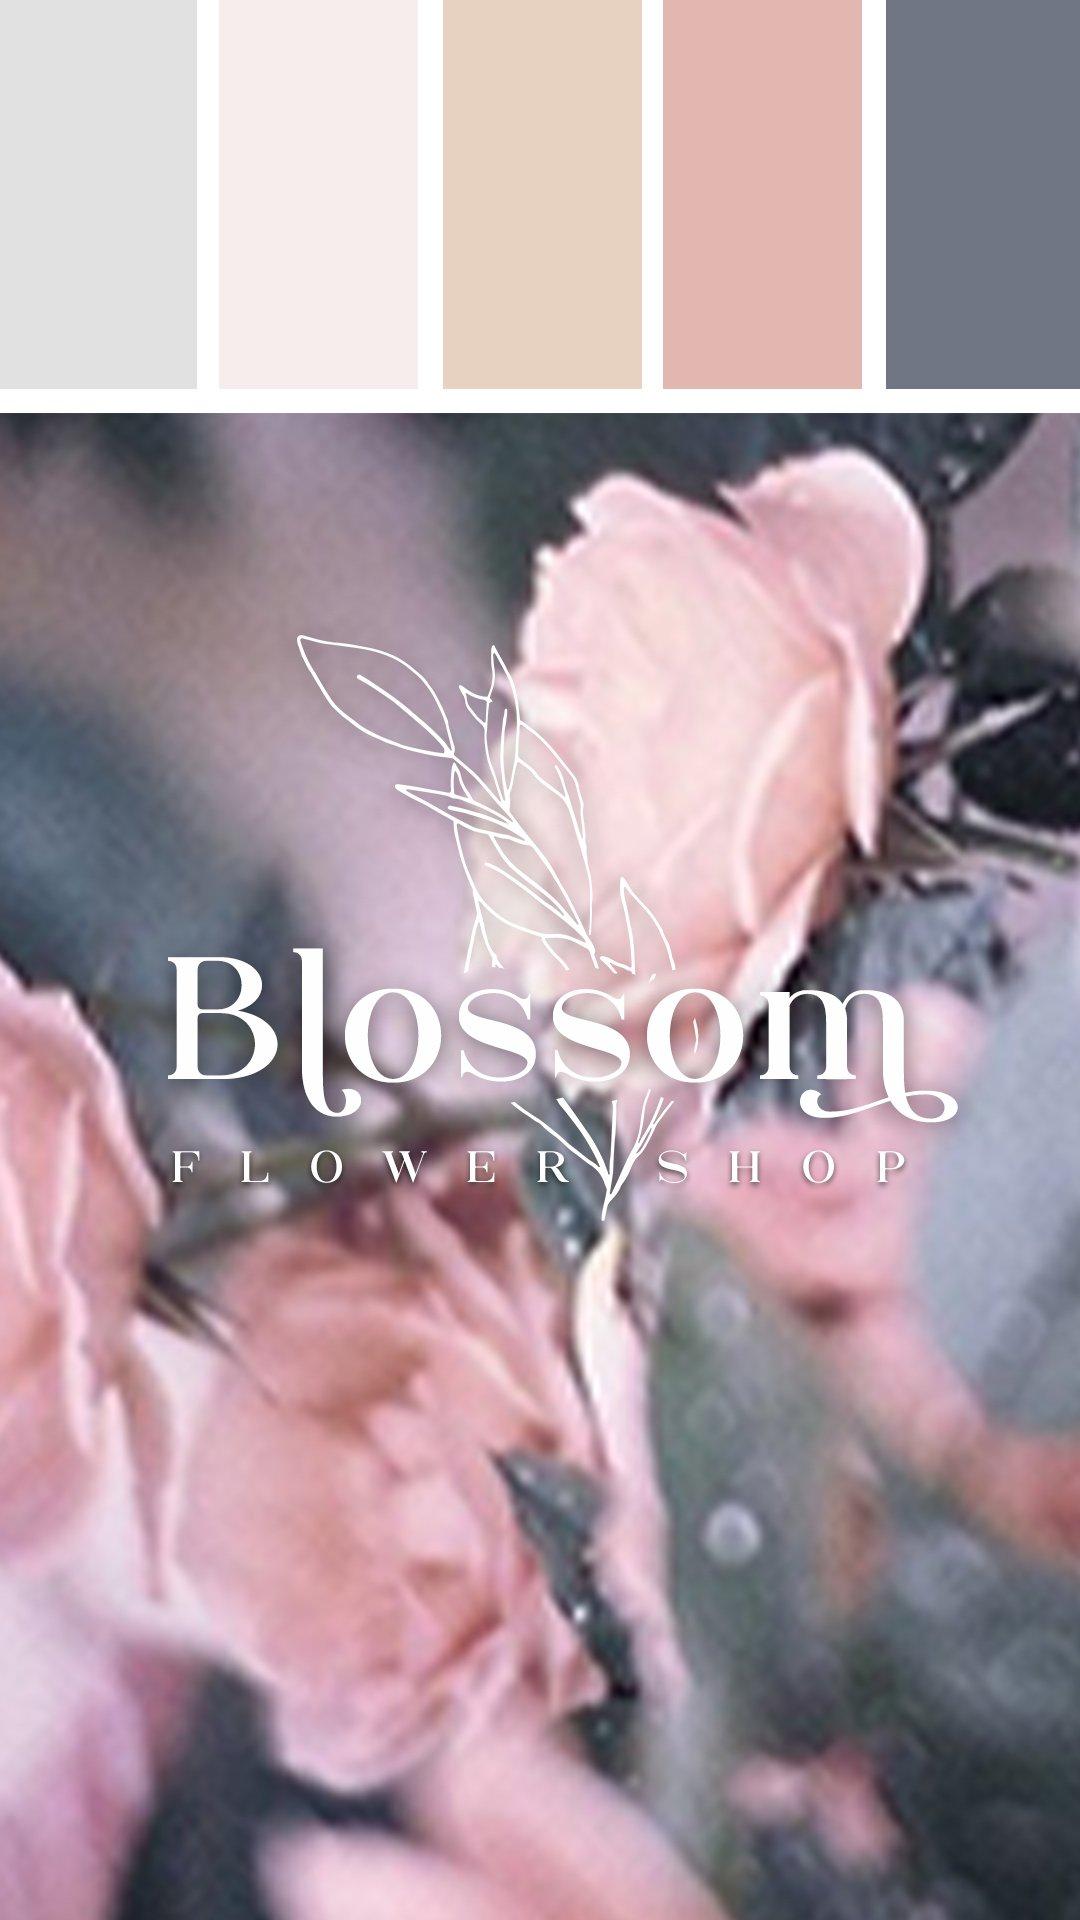 blossom flower shop logo